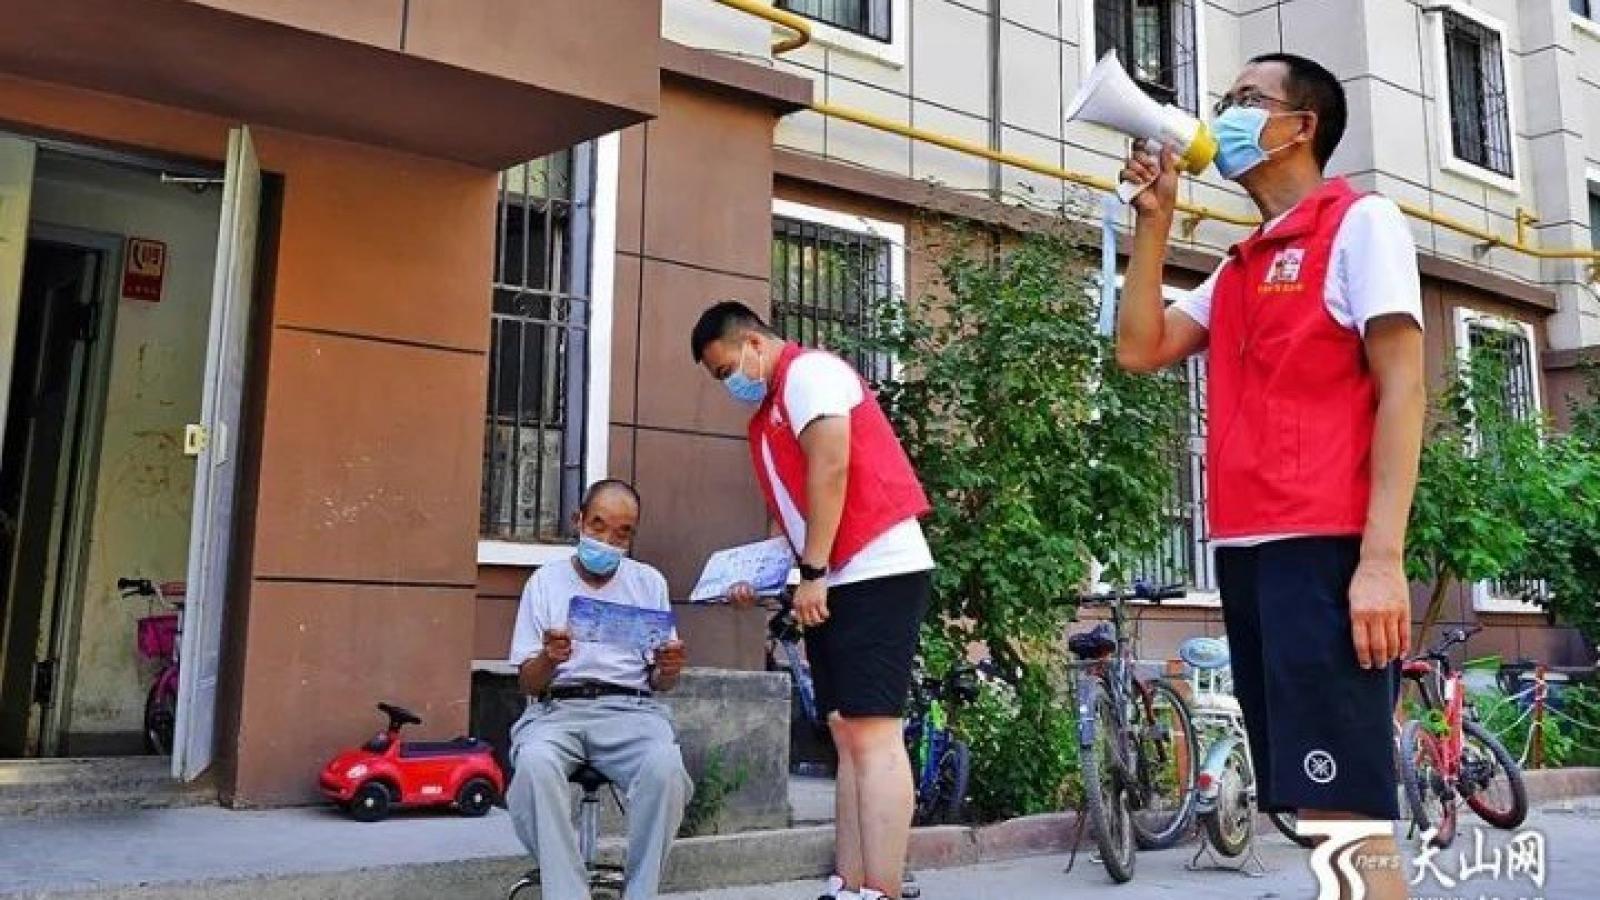 Covid-19 ở Trung Quốc: Nơi xét nghiệm toàn thành phố, nơi hạ cảnh báo